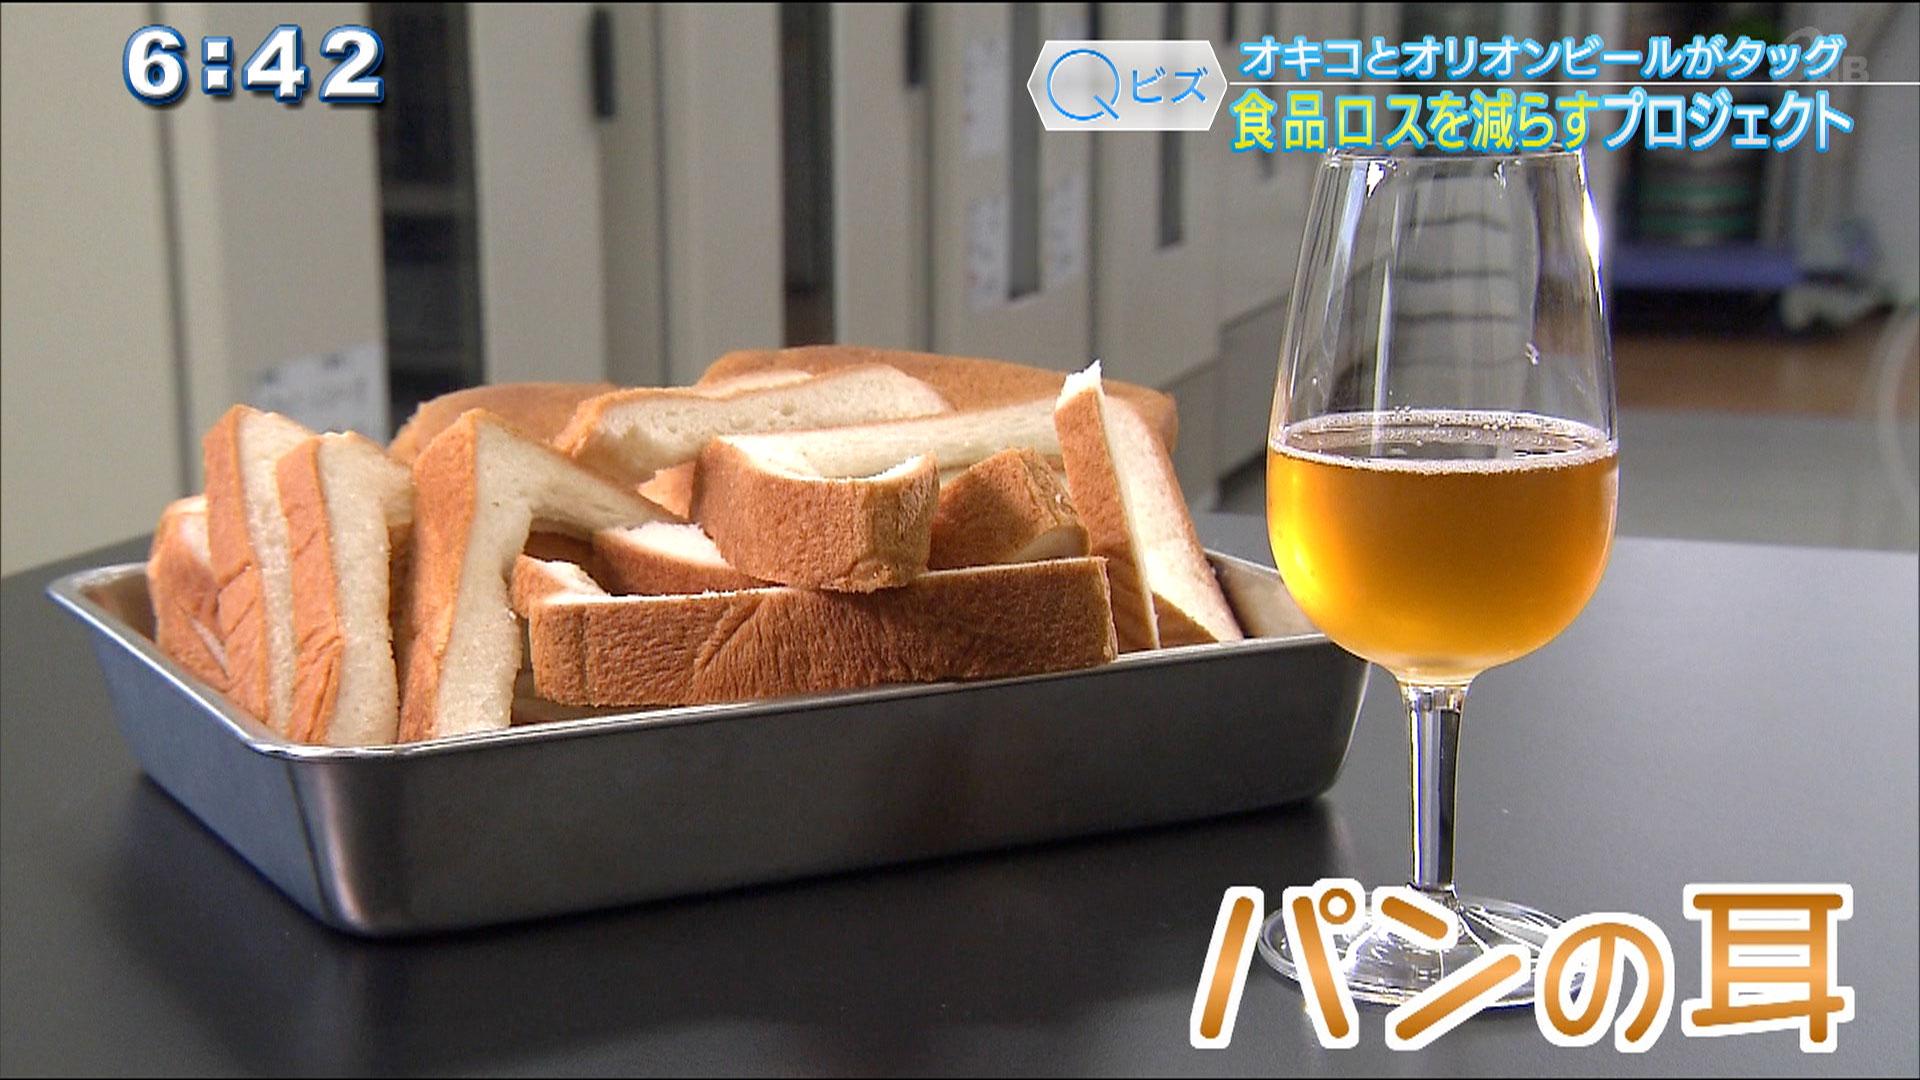 Qビズ 廃棄されるパンがビールに?!